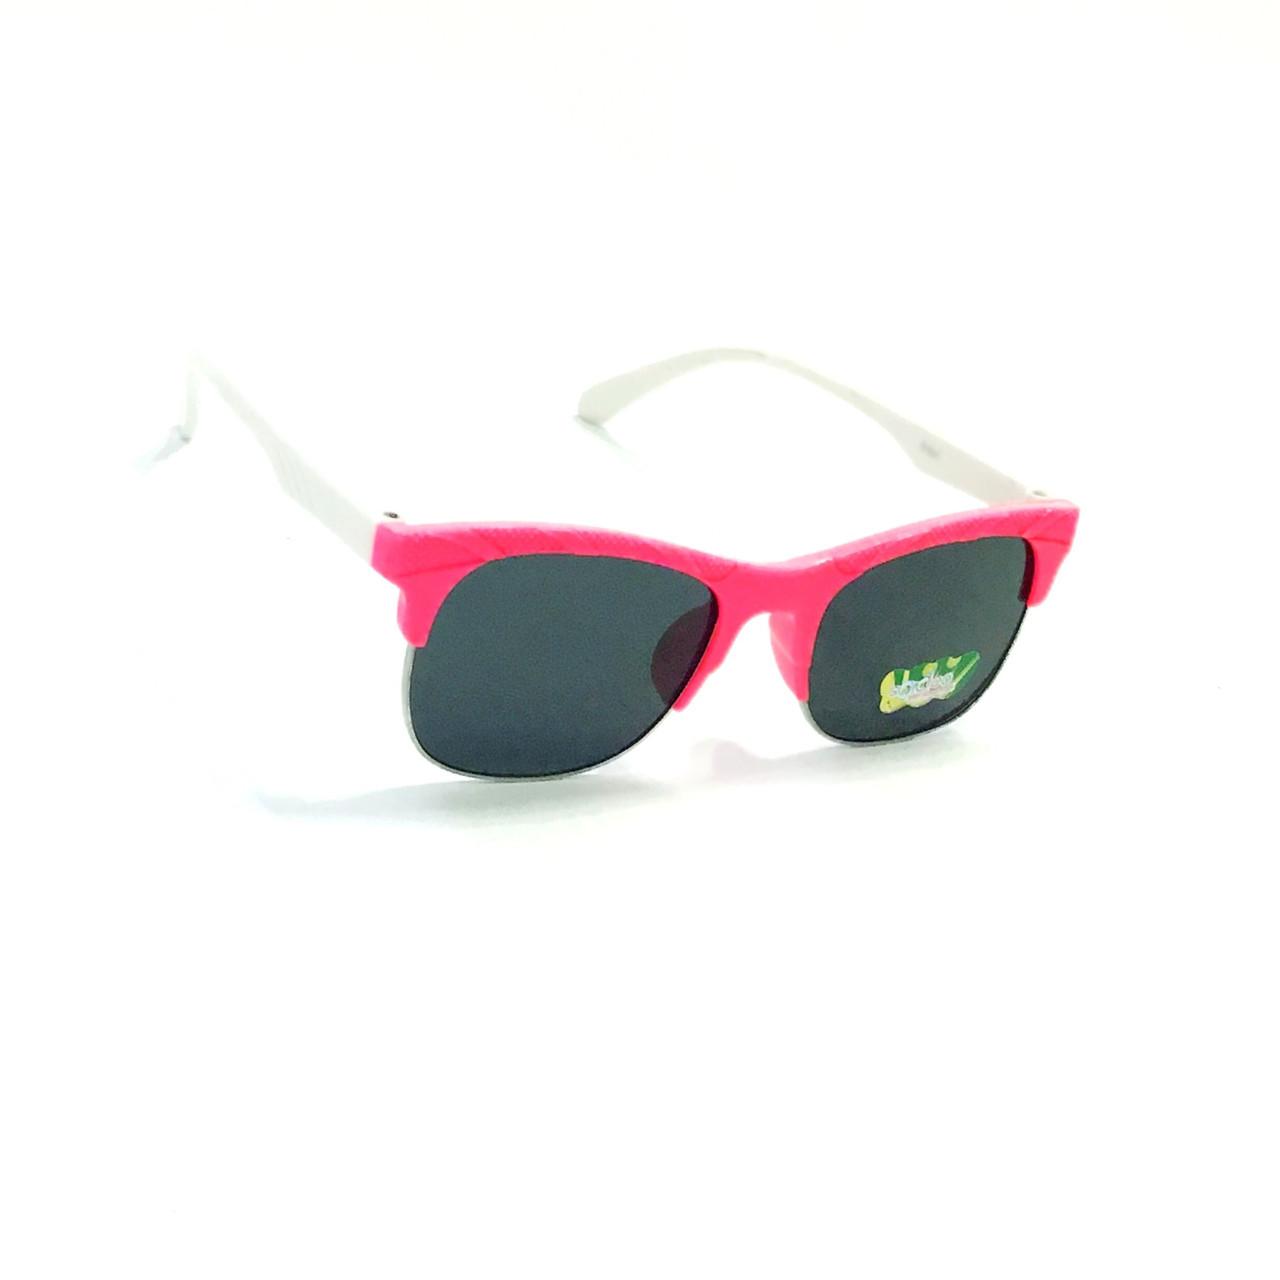 2c7ac4fbeda9 Детские очки  продажа, цена в Харьковской области. солнцезащитные ...